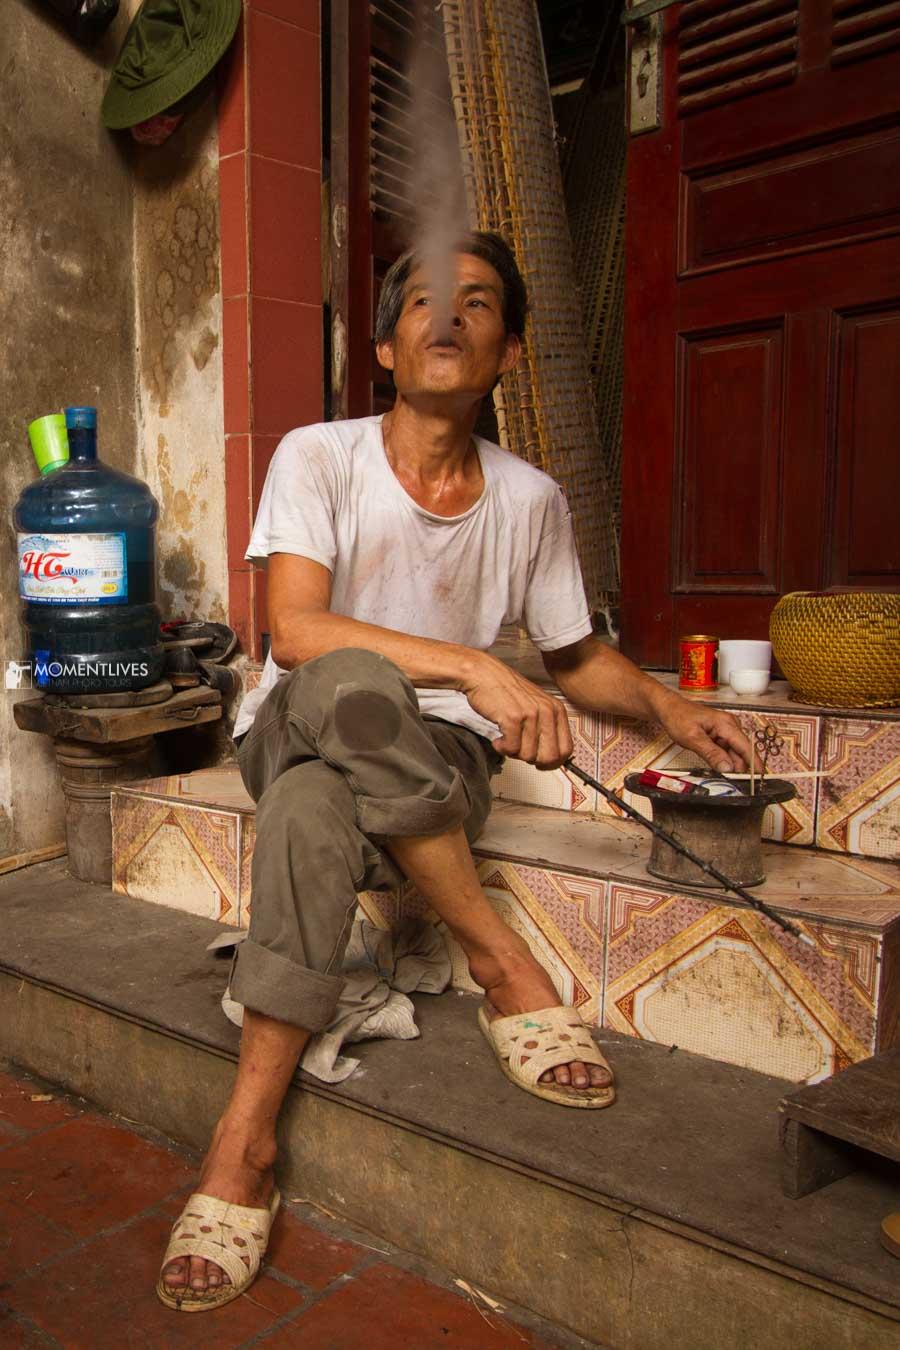 Smoking-man